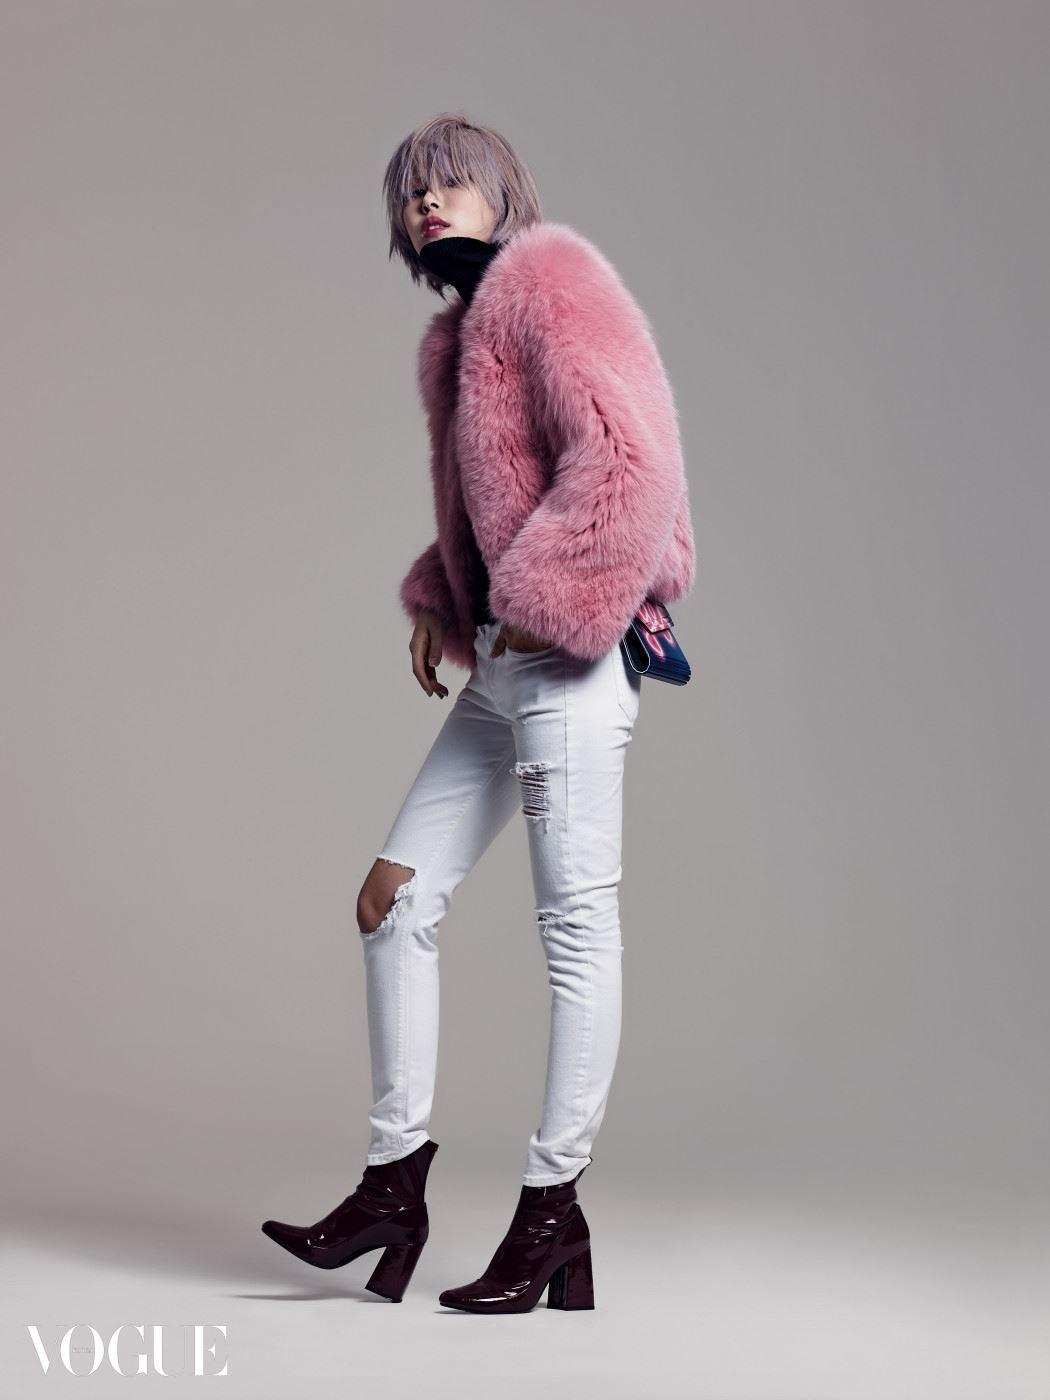 핑크 퍼 재킷은 잘루즈 퍼, 블랙 터틀넥 풀오버는 유니클로, 화이트 디스트로이드 데님 팬츠는 씨위, 버건디 컬러 앵클부츠는 자라, 레터링 장식의 미니 백은 지미 추 제품.